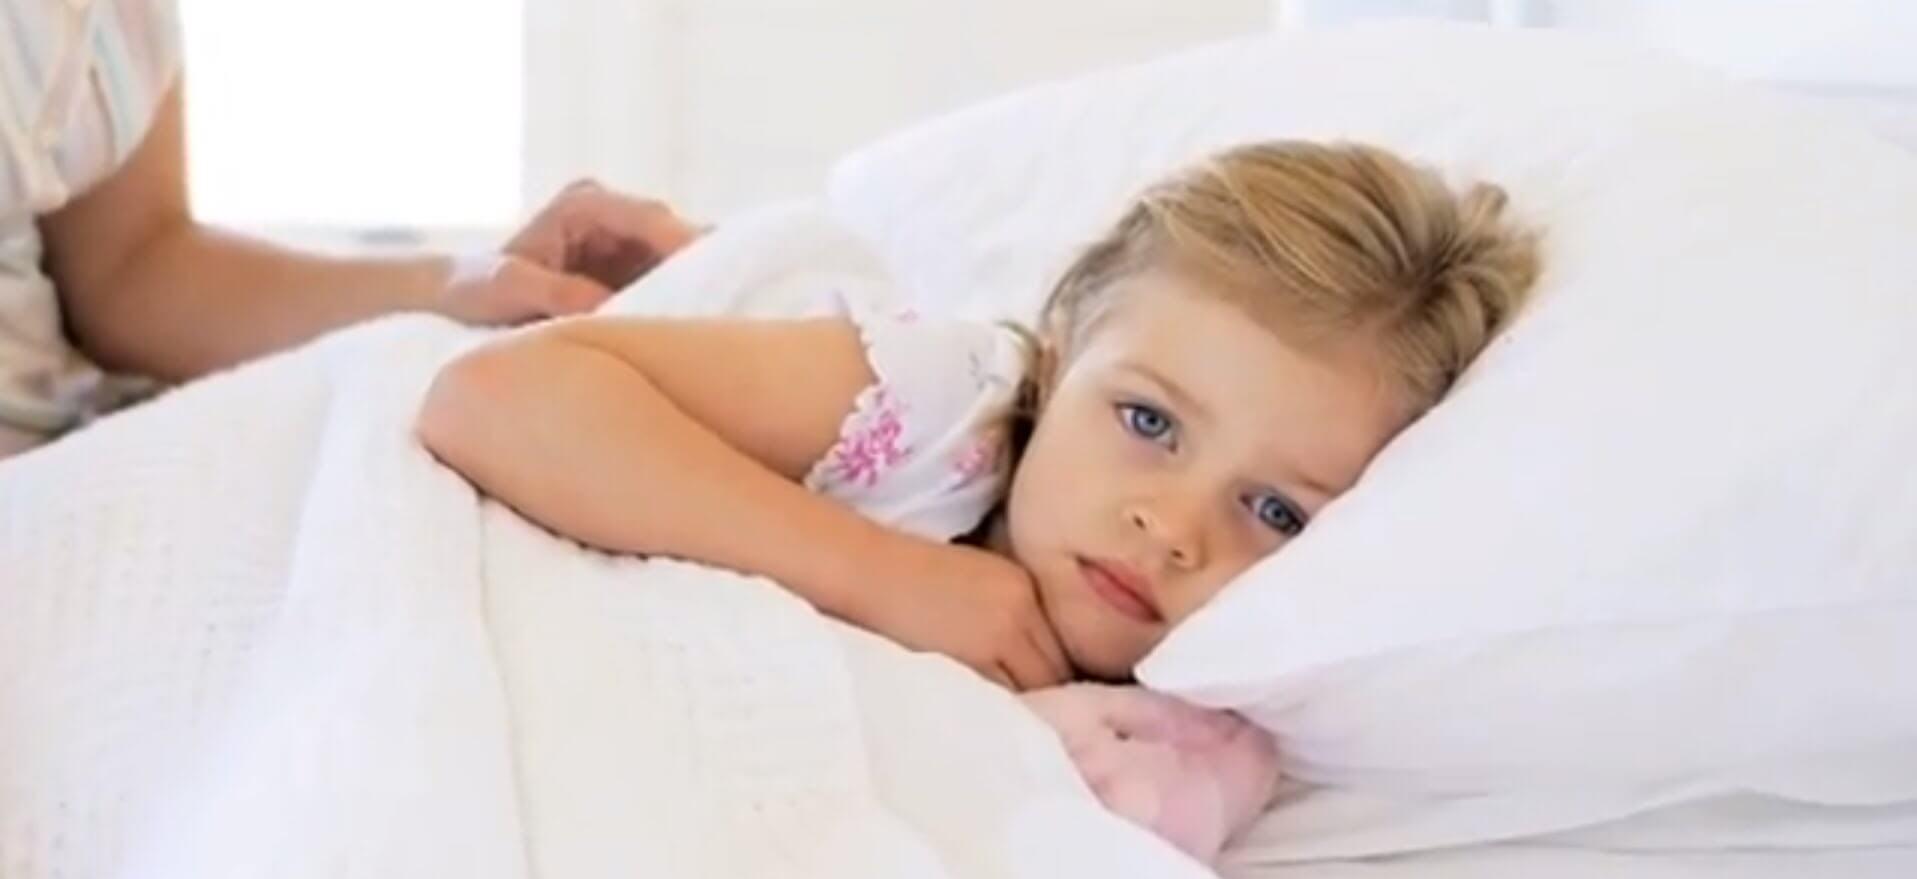 У ребенка энурез: что делать родителям